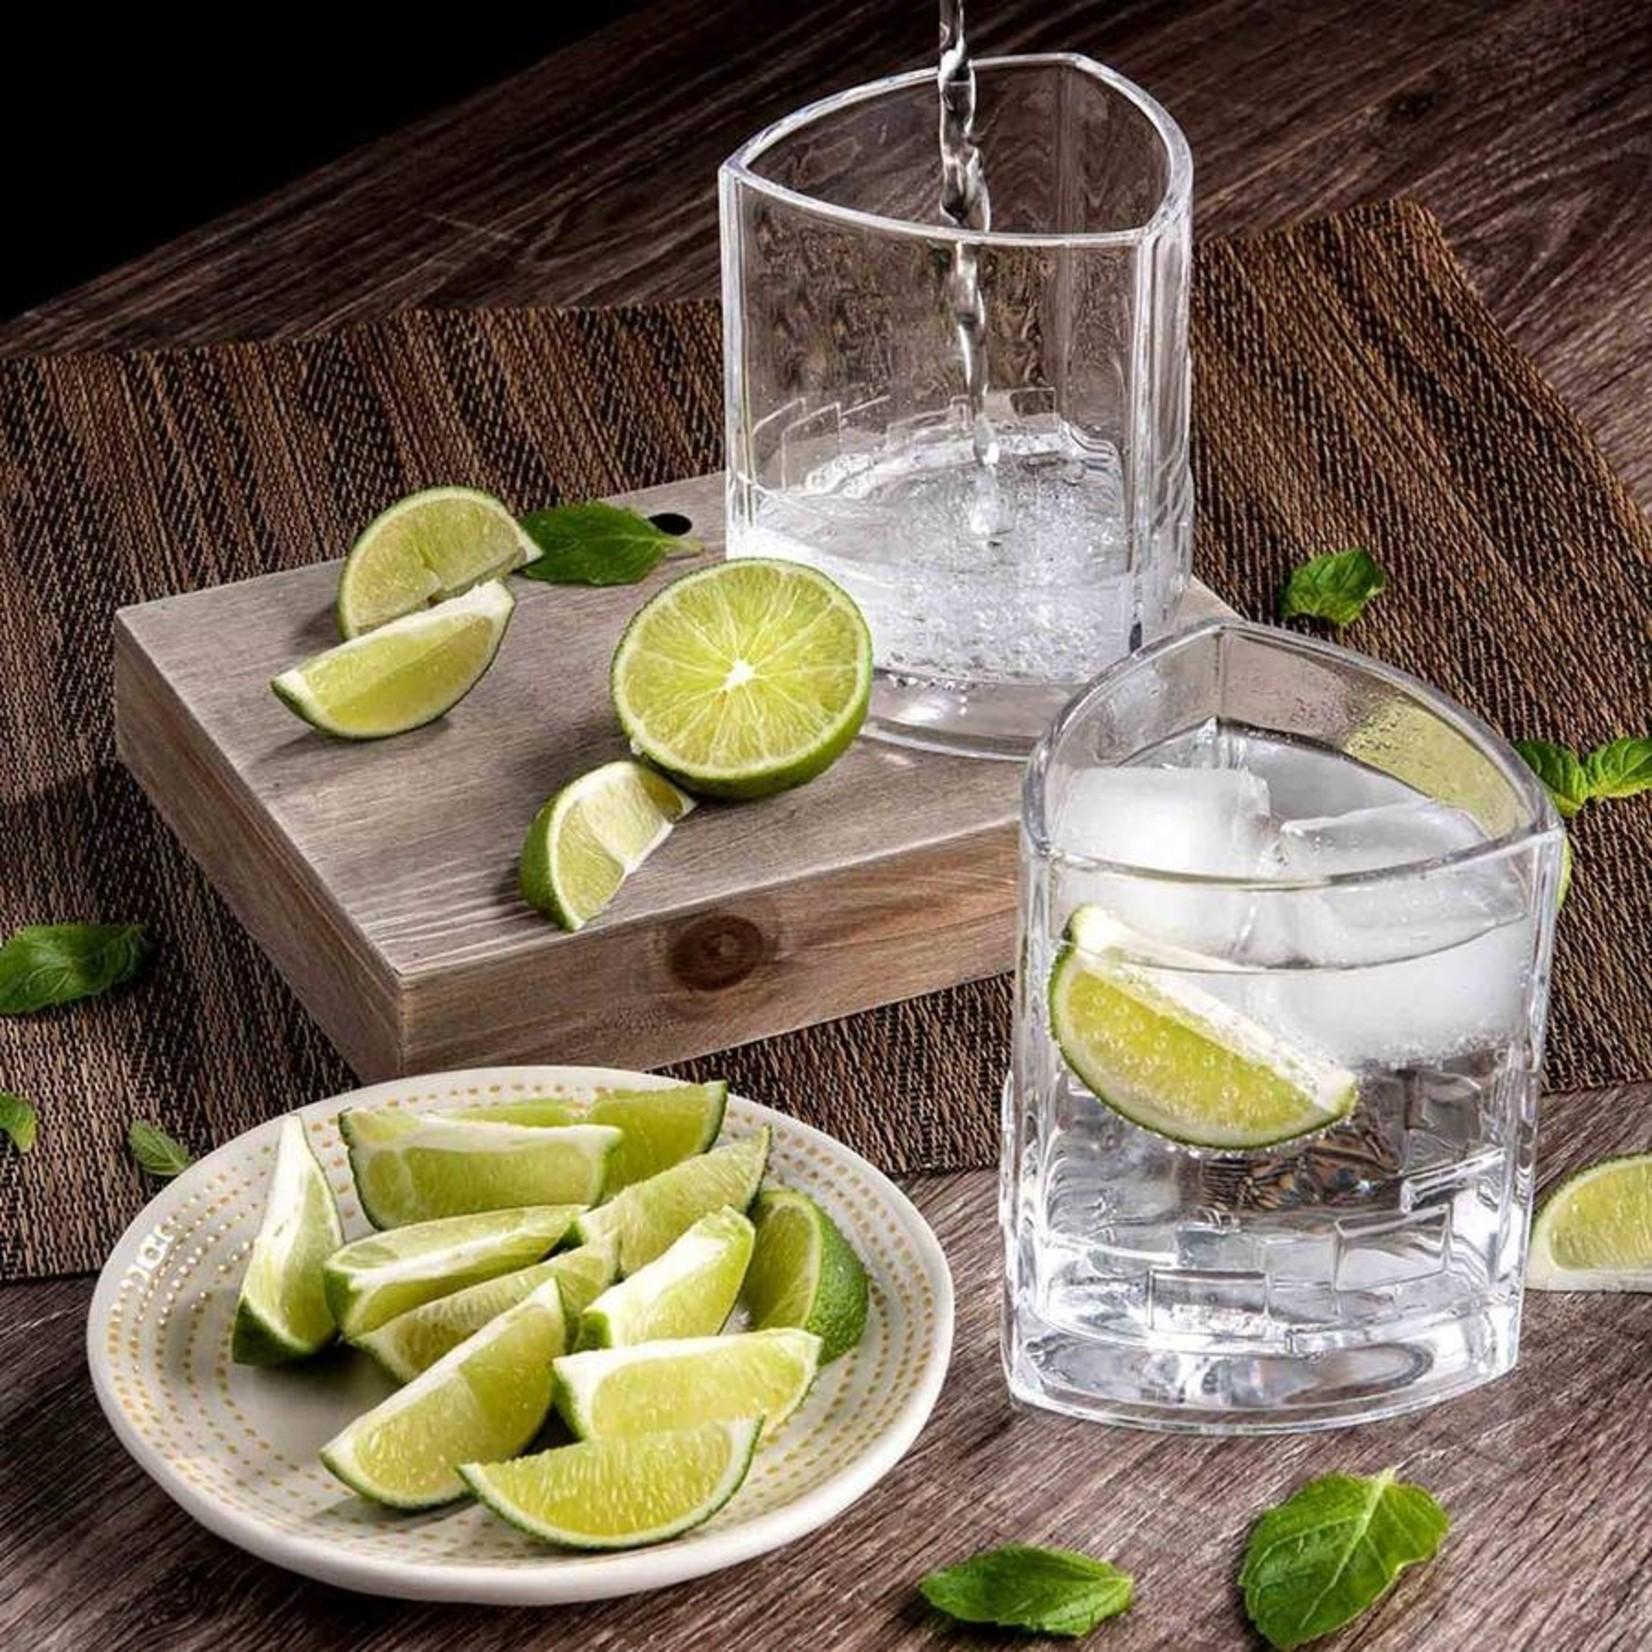 Joy Jolt Revere Drinking Glasses (set of 2)